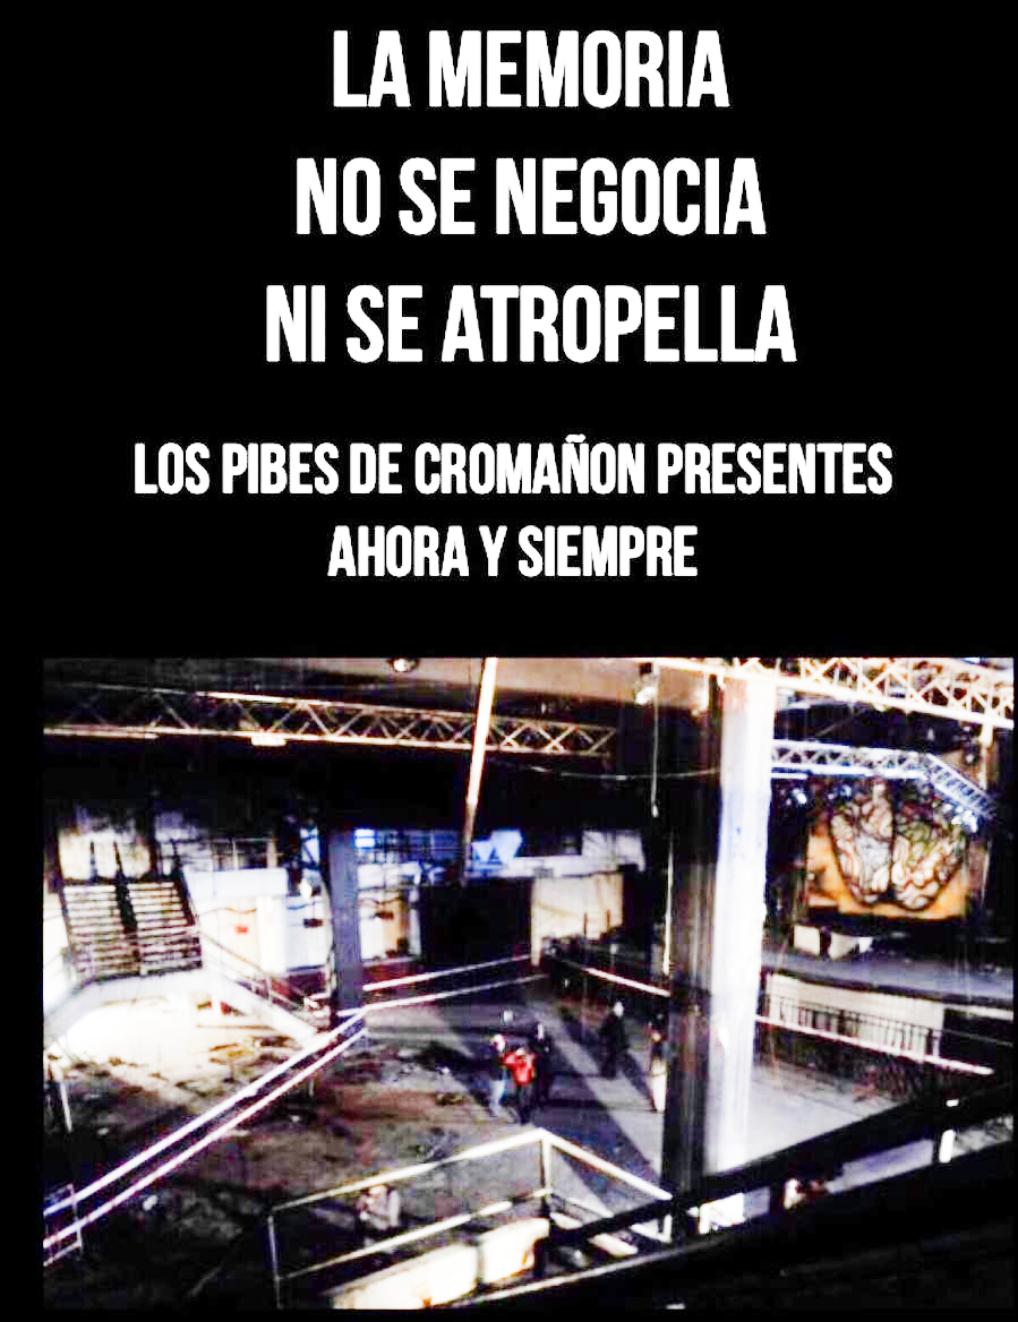 Conferencia de prensa x Cromañón y la preservación de la memoria- 30/1 -17:30 horas - Santuario frente a Plaza Once - Caba